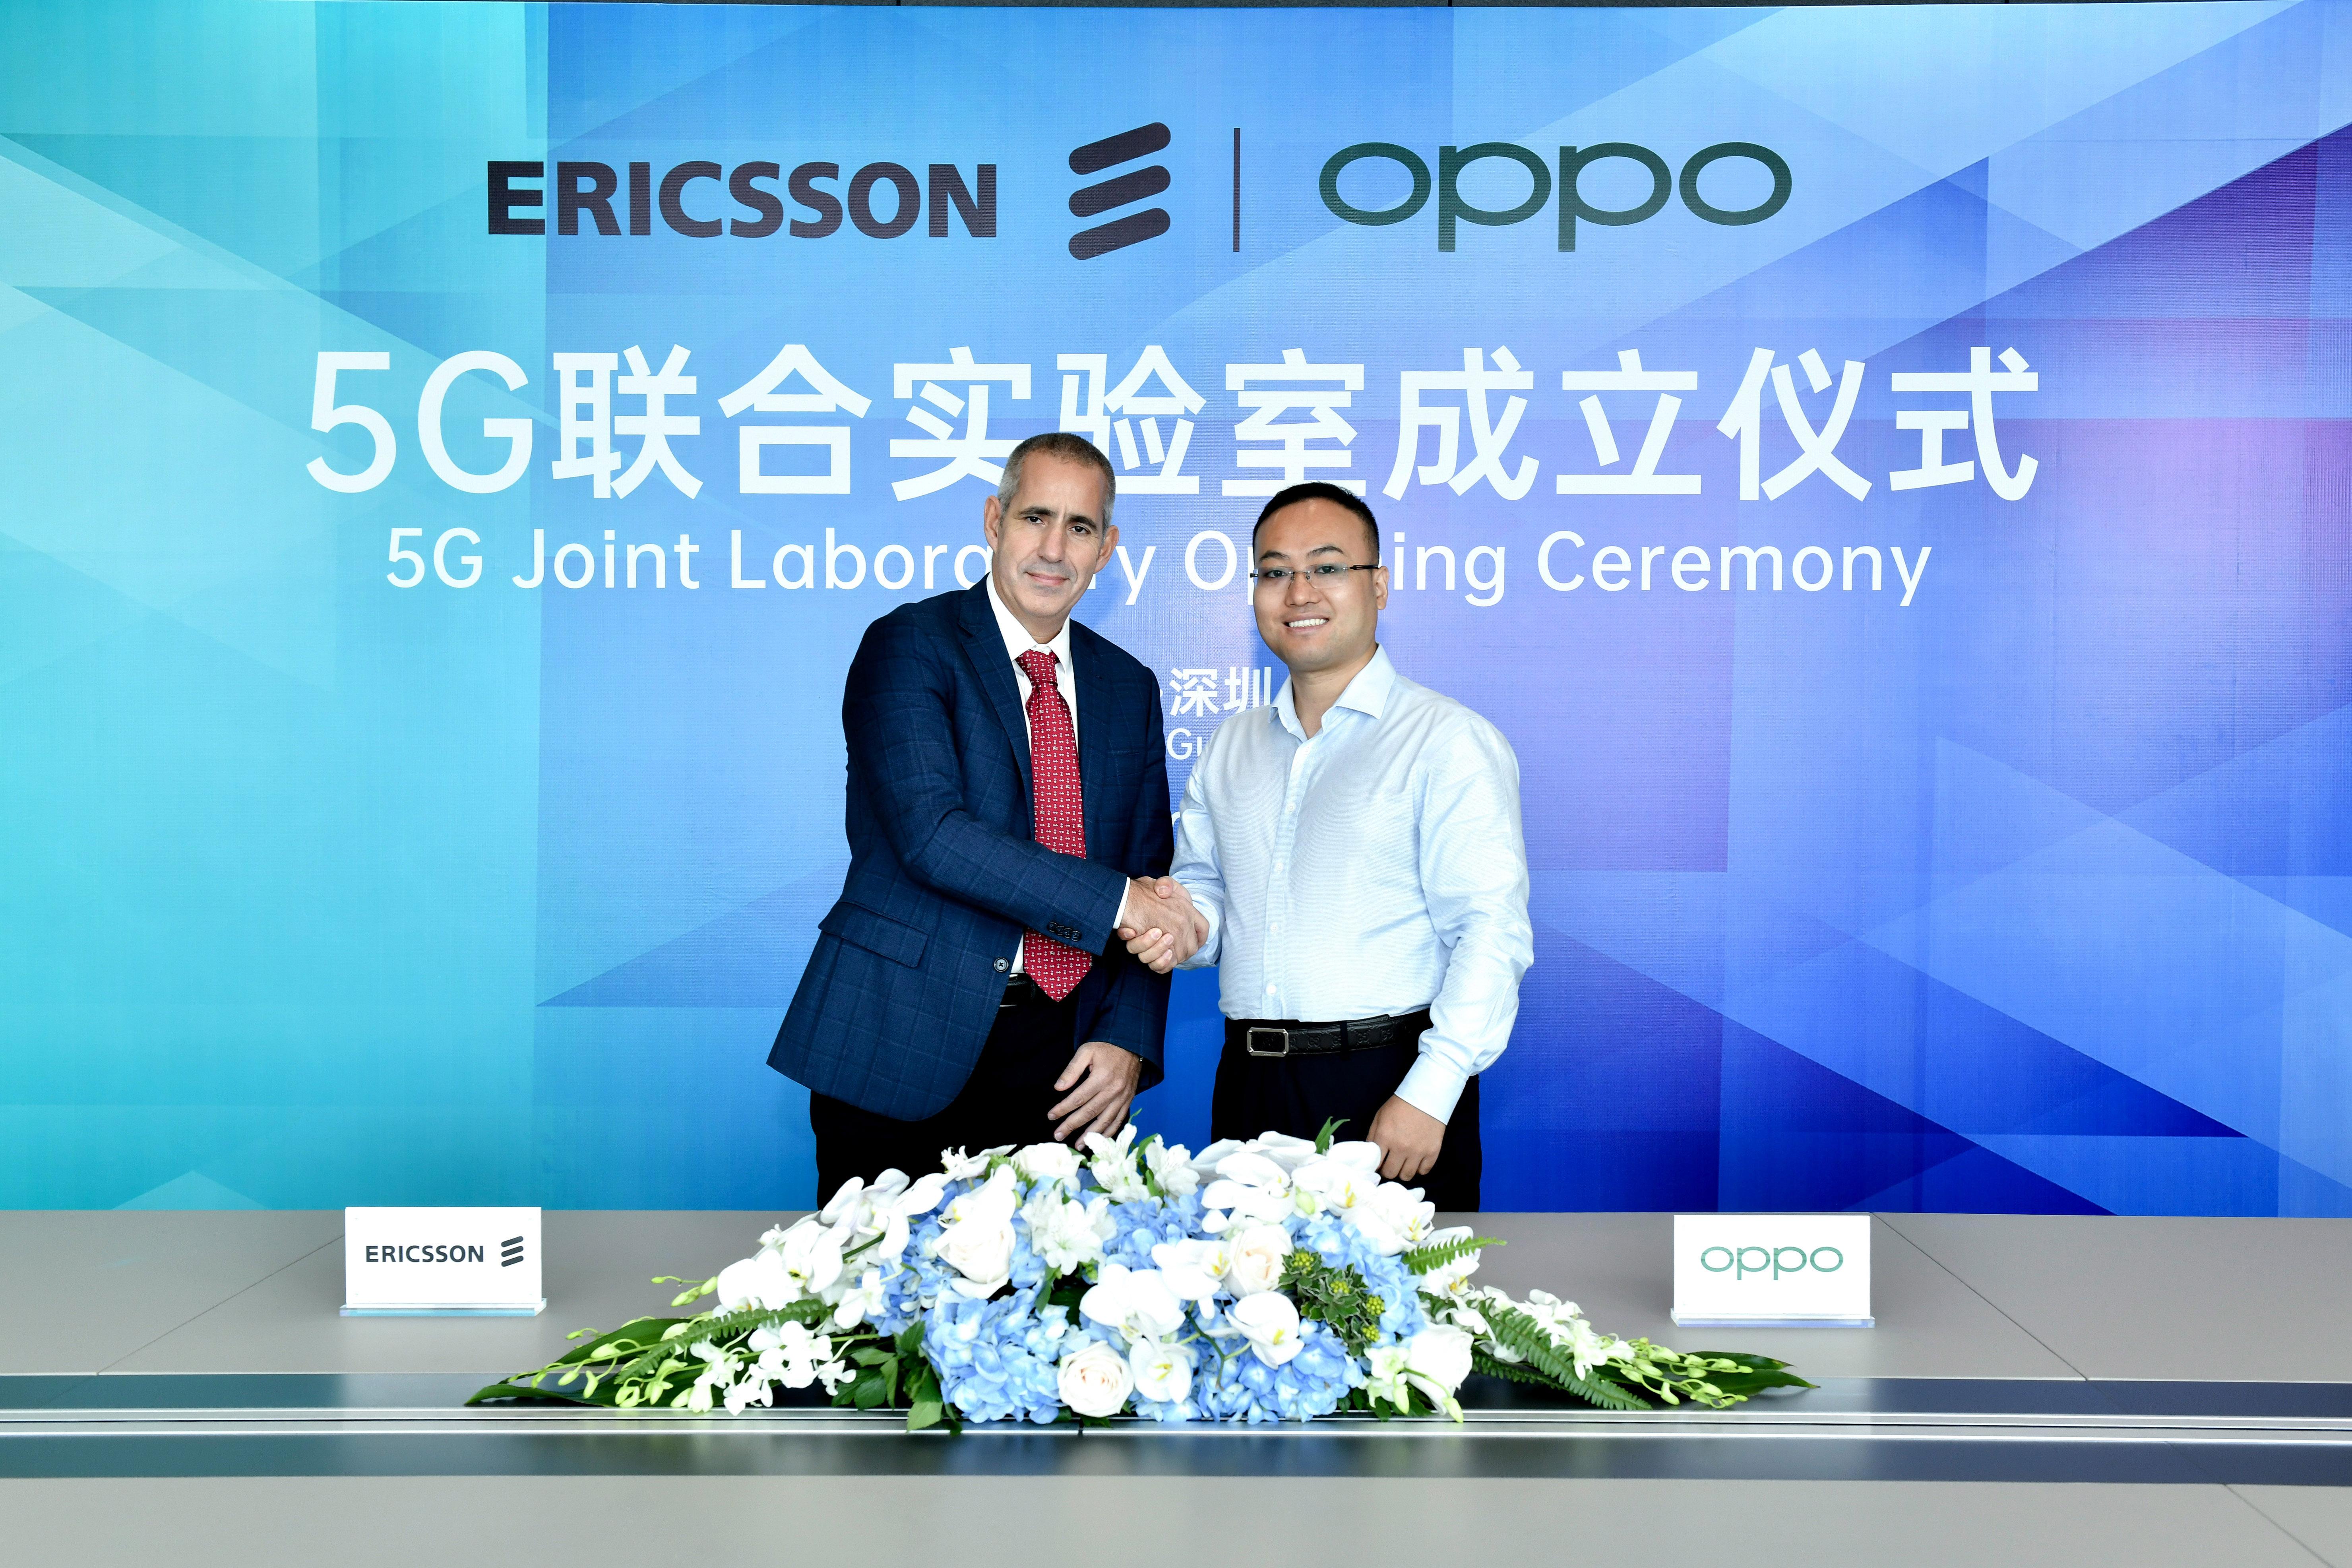 OPPO x Ericsson 5G